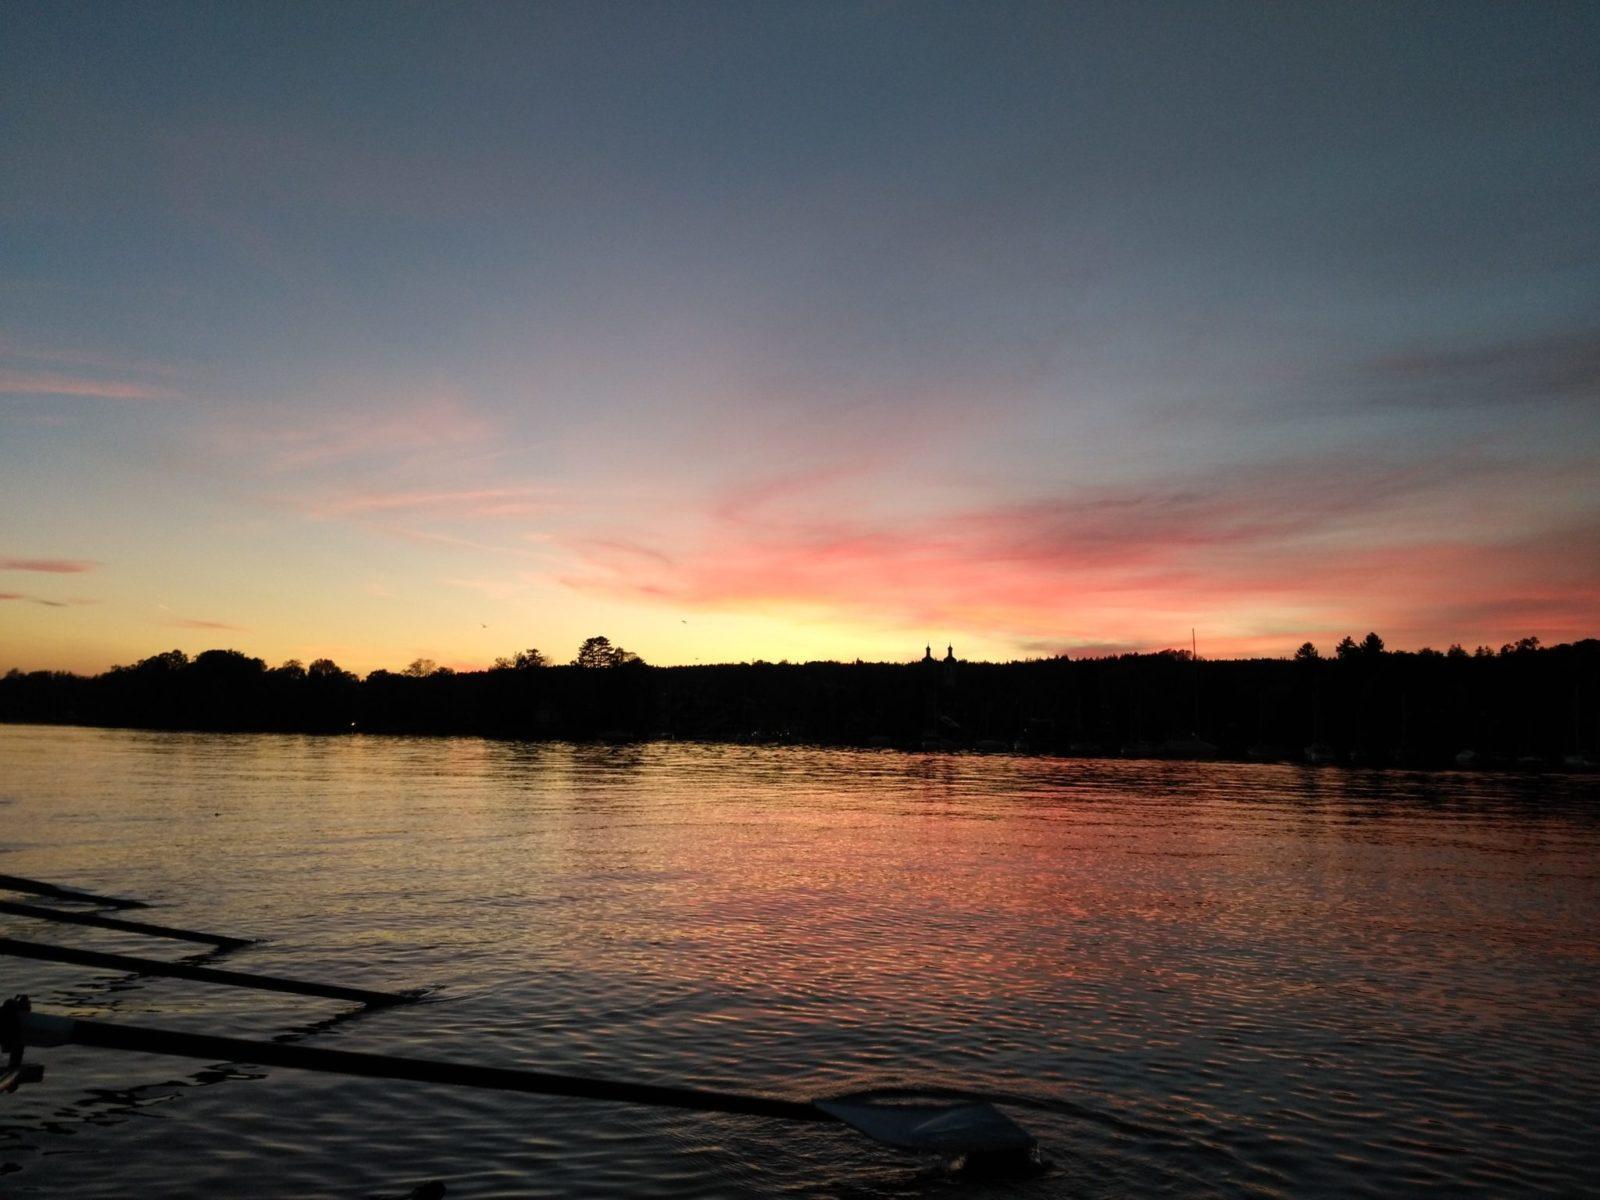 herbstliche Stimmung beim Rudern auf dem Starnberger See